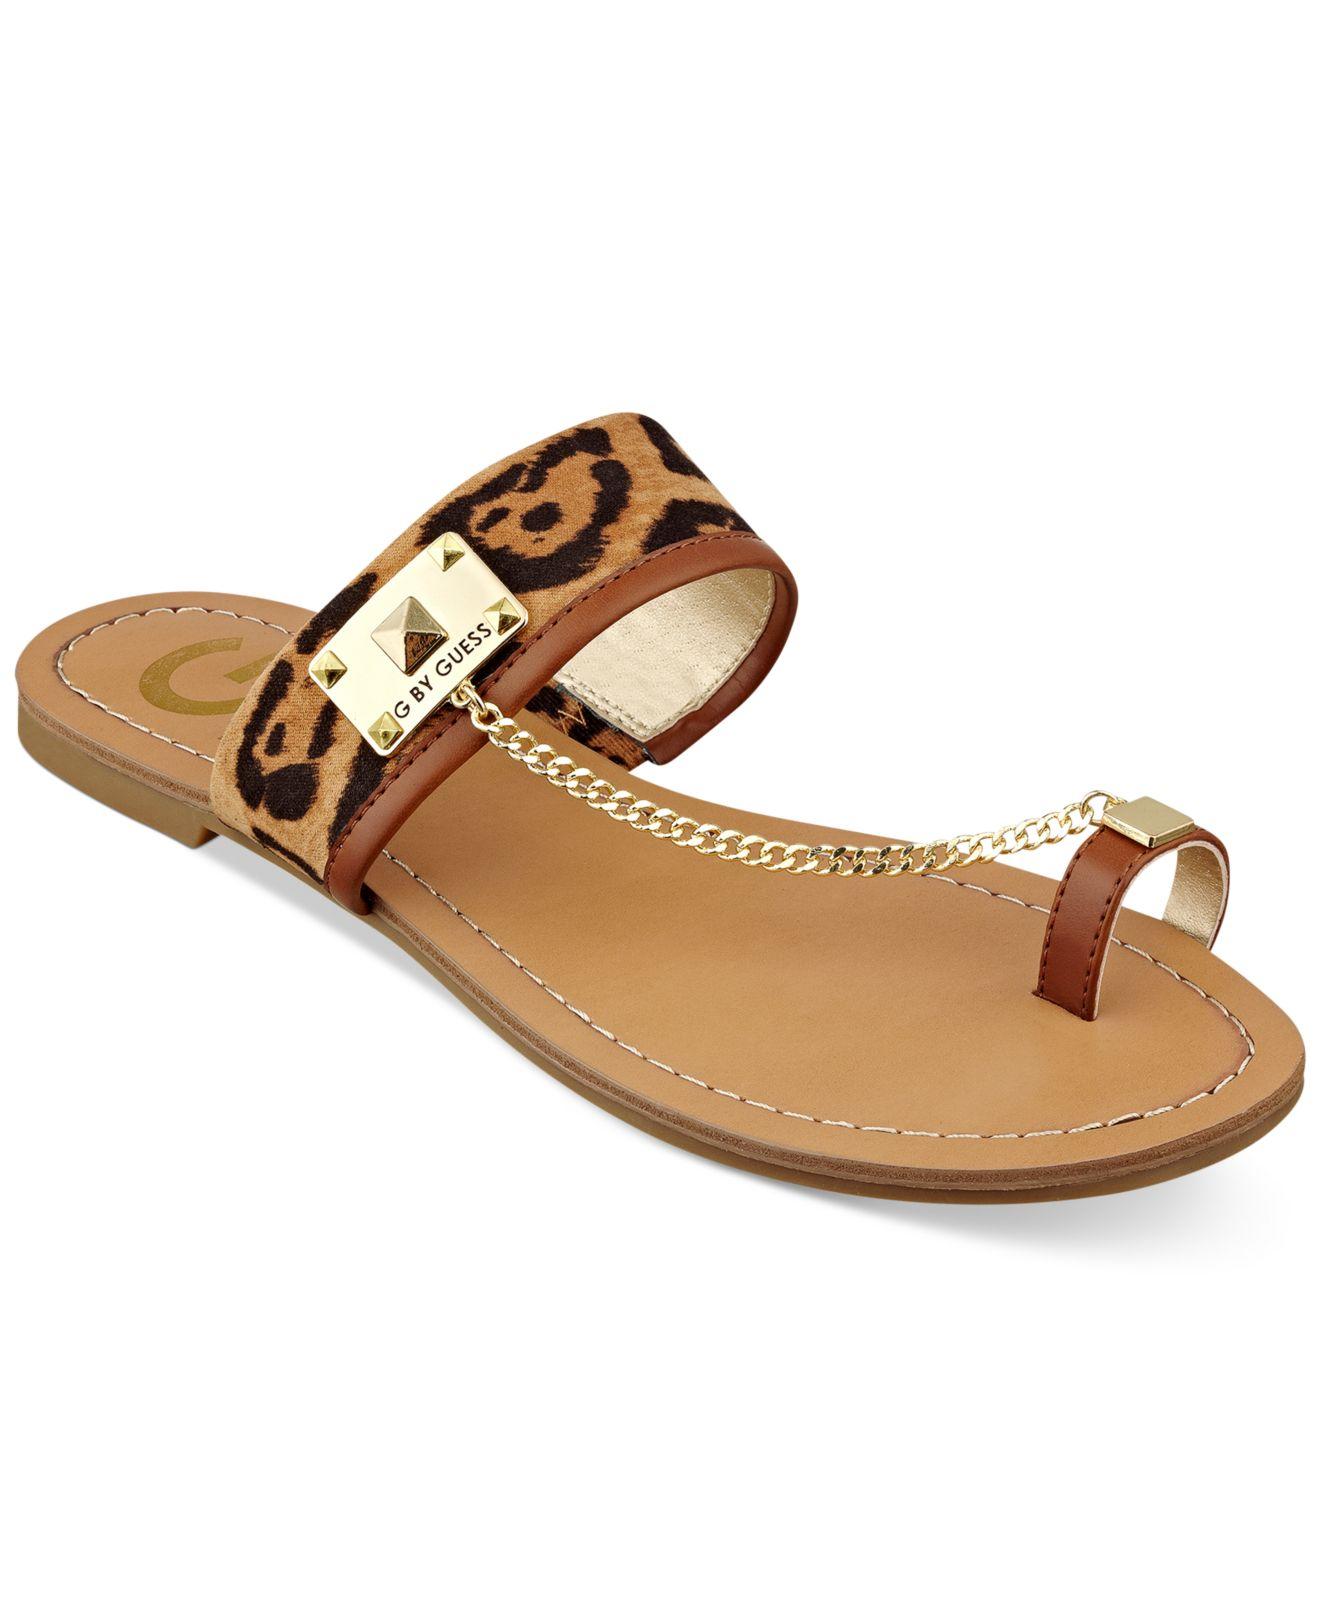 6d8c070a43d Lyst - G by Guess Women S Lucia Toe Ring Flat Sandals